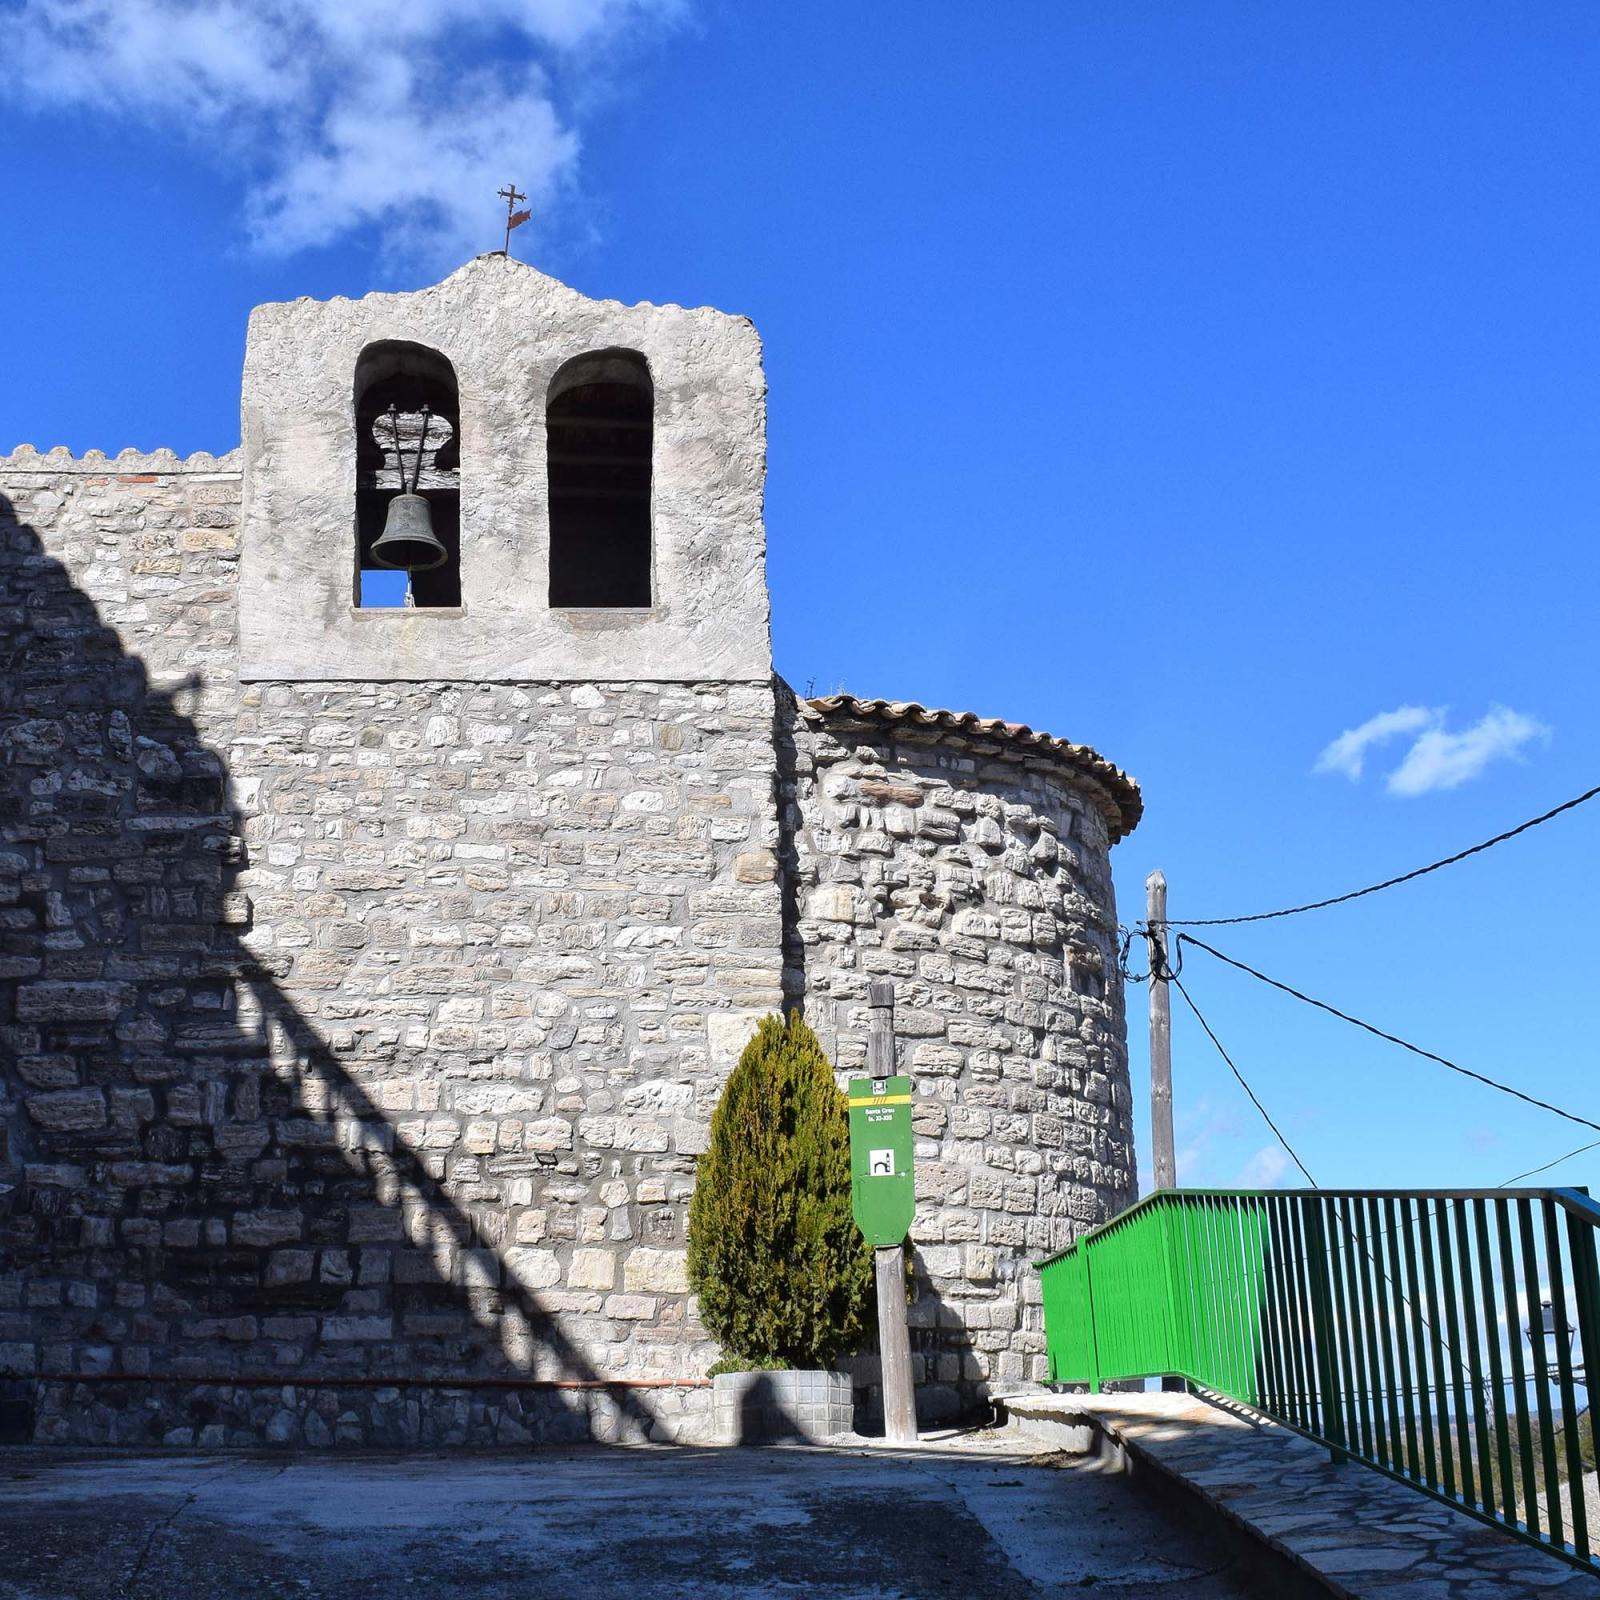 Església de Santa Creu